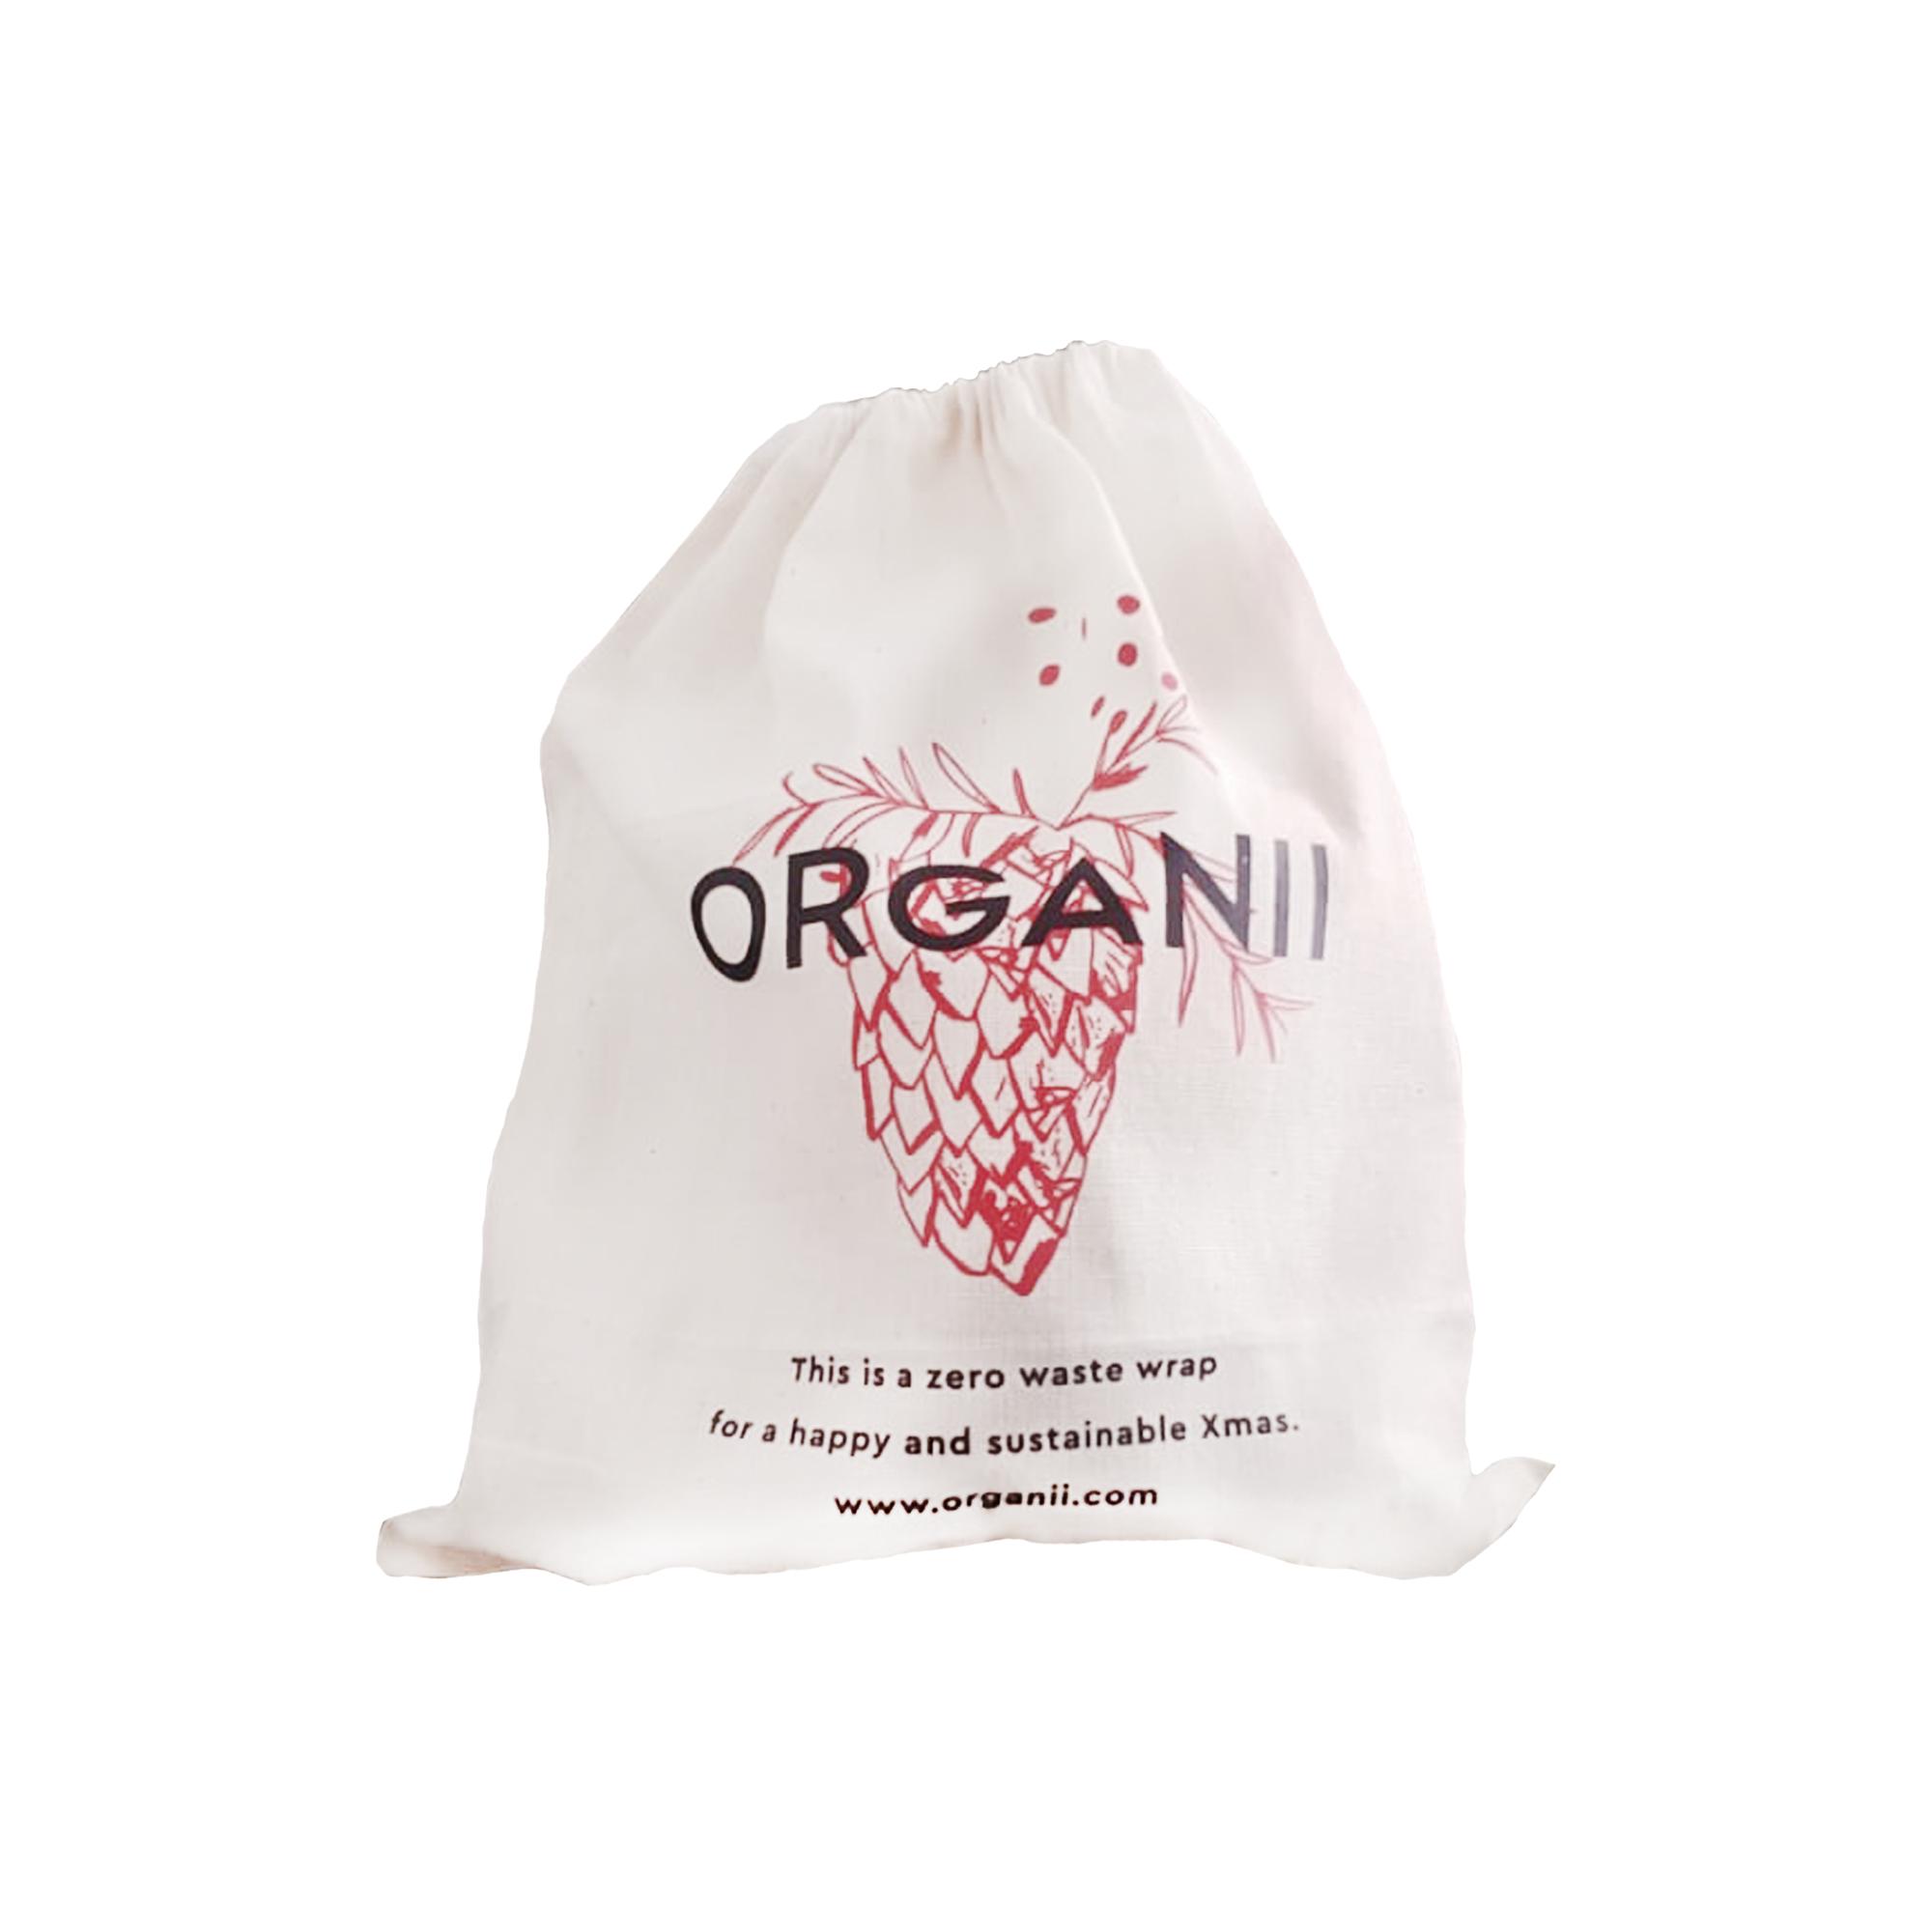 Zero Waste Bag (champô sólido cabelos normais + sabonete argila e alecrim da Unii + dentrífico de menta da Lamazuna + eEsponja para rosto 100% pura Konjac + escova de dentes HidroPhil), Organii, €24,9